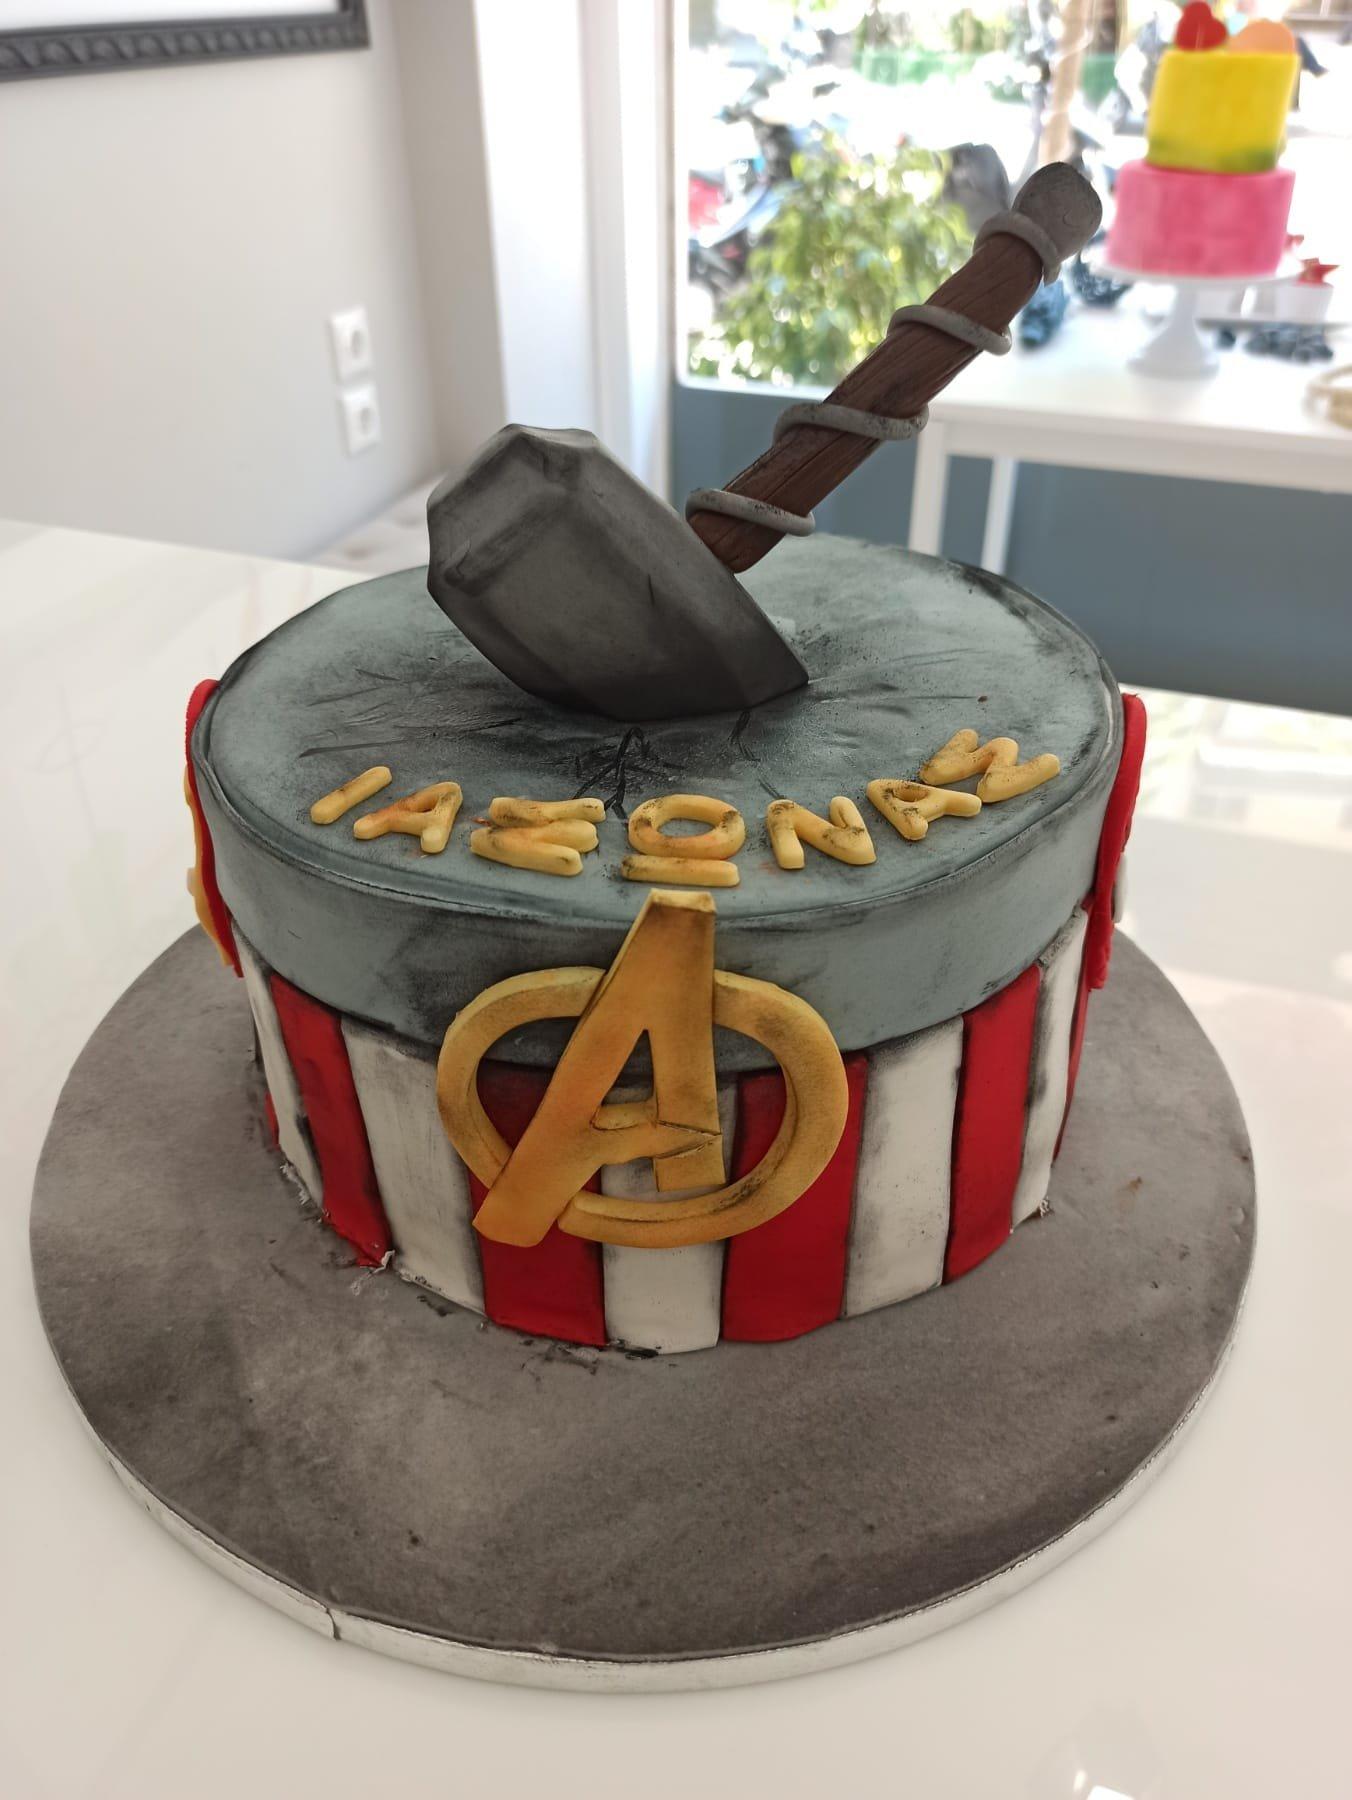 τούρτα από ζαχαρόπαστα σφυρί του θορ, thor hammer avengers themed cake, Ζαχαροπλαστείο Καλαμάτα madame charlotte, τούρτες για πάρτι παιδικές γενεθλίων για αγόρια για κορίτσια για μεγάλους madamecharlotte.gr birthday themed cakes patisserie confectionery kalamata